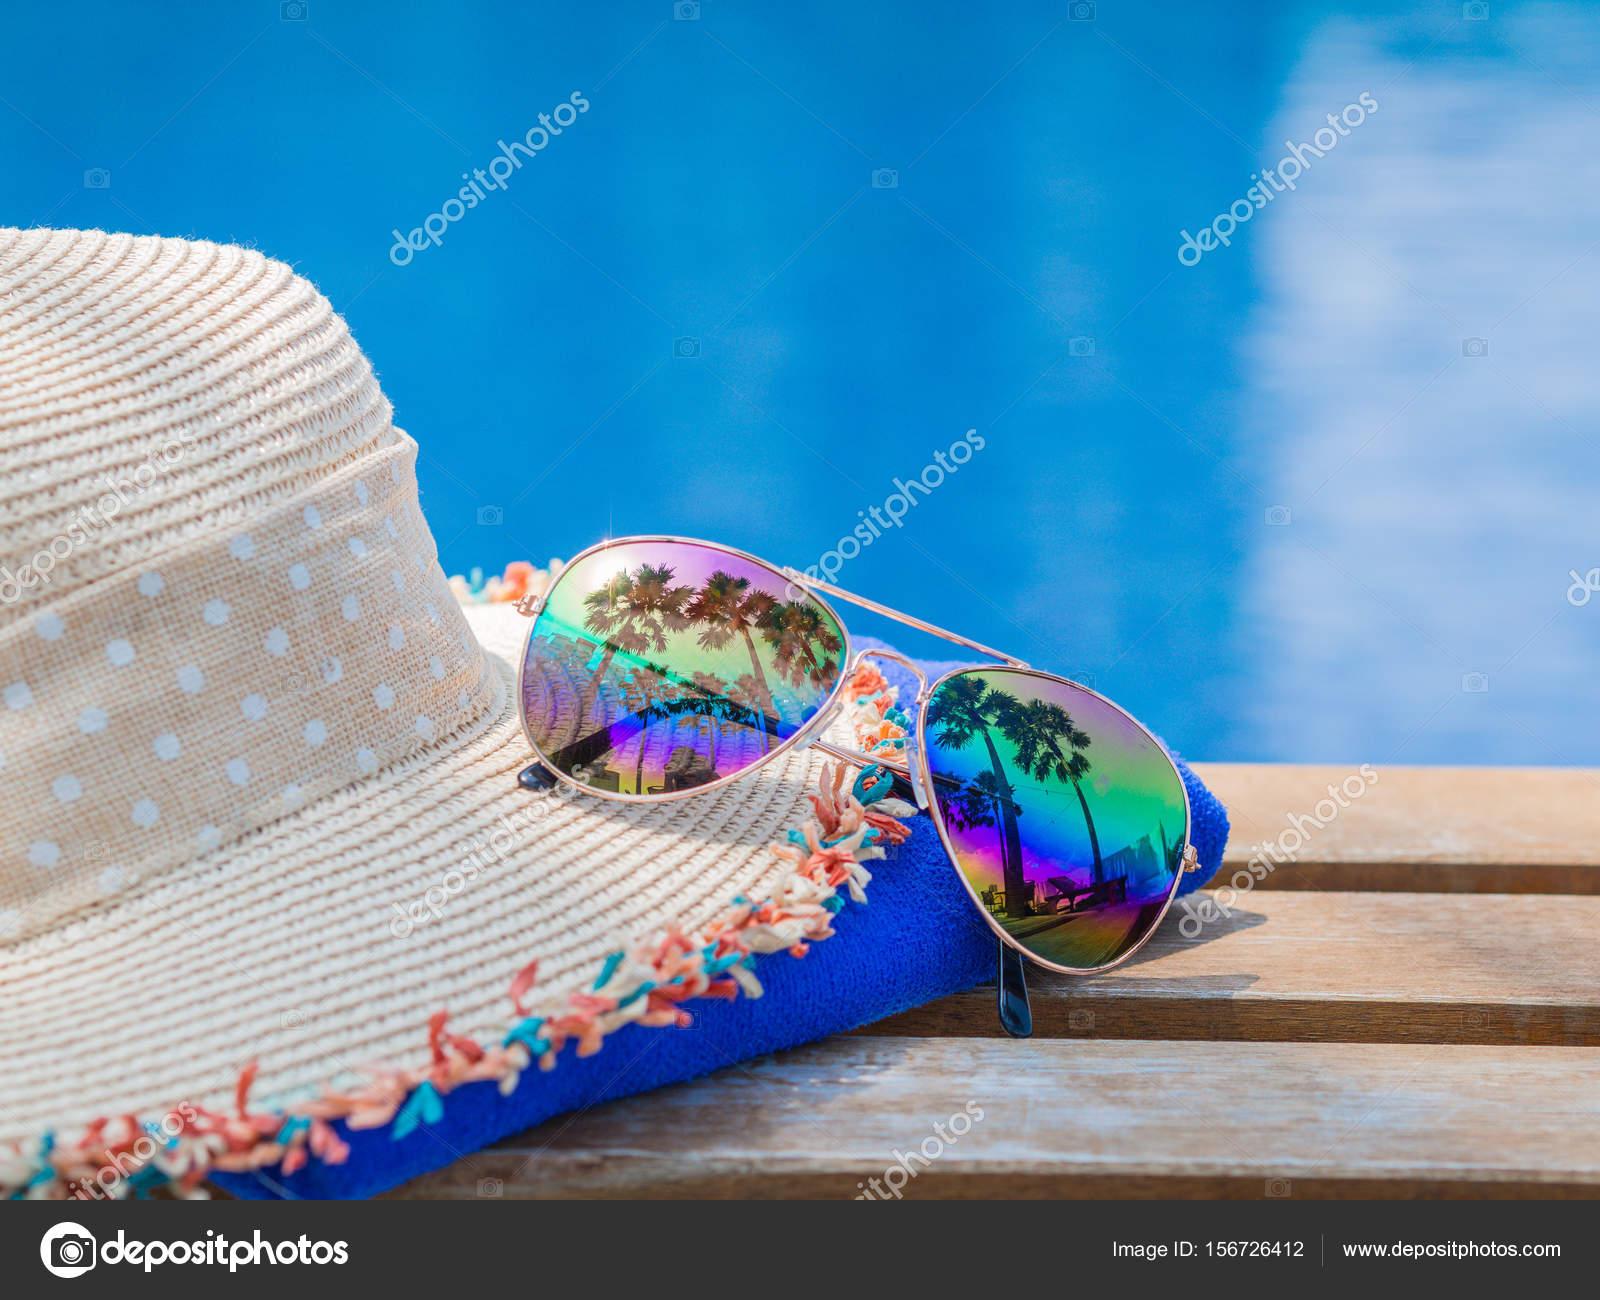 acheter bien Acheter Authentic large choix de couleurs Chapeau de plage, lunettes de soleil, serviette bleu et ...